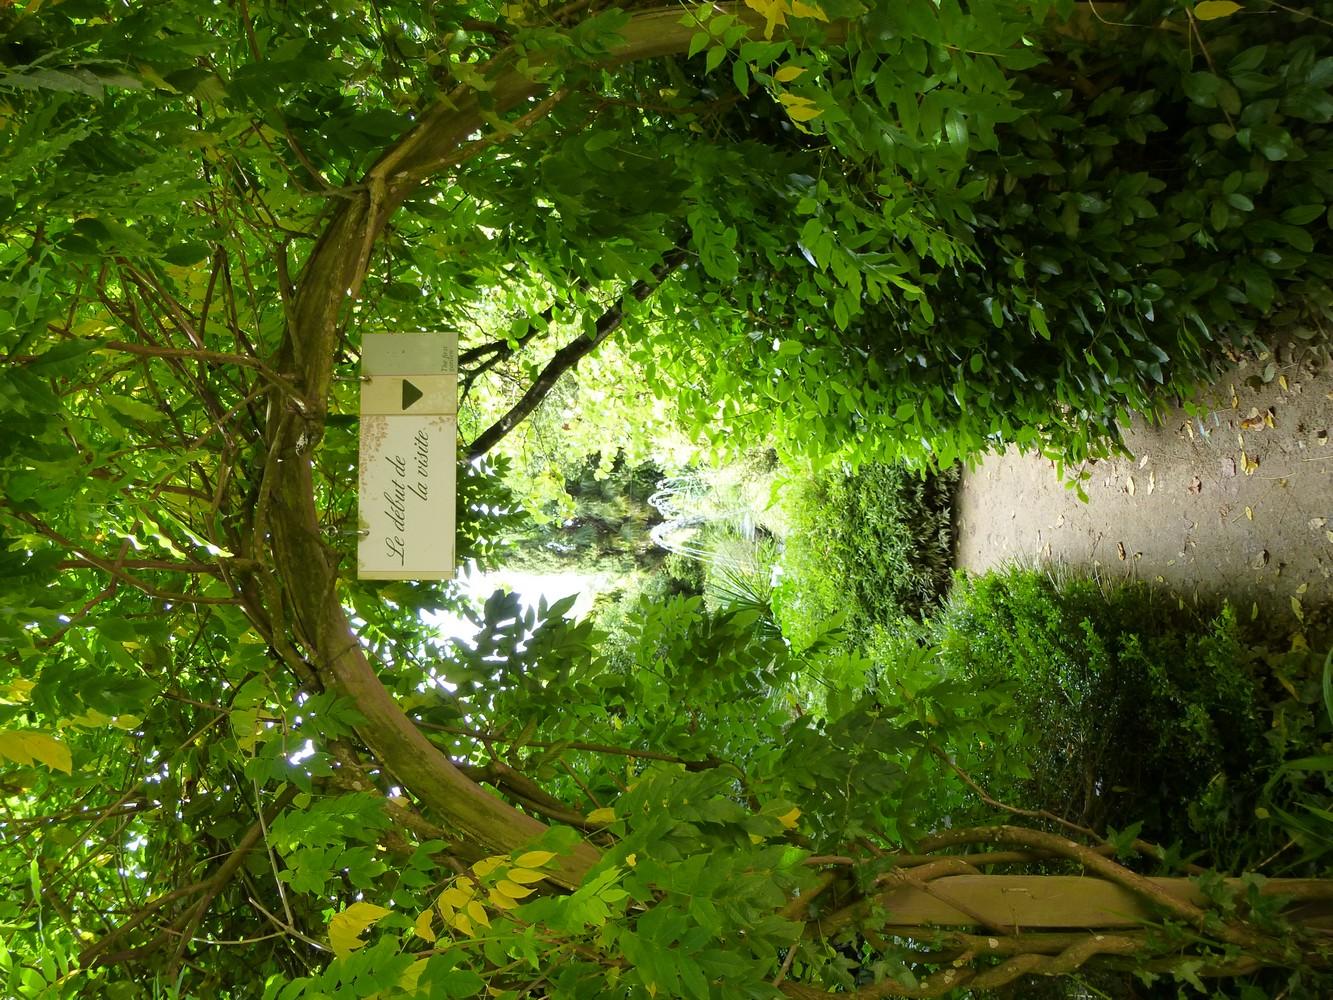 paresse et contemplation au parc botanique de haute bretagne foug res. Black Bedroom Furniture Sets. Home Design Ideas